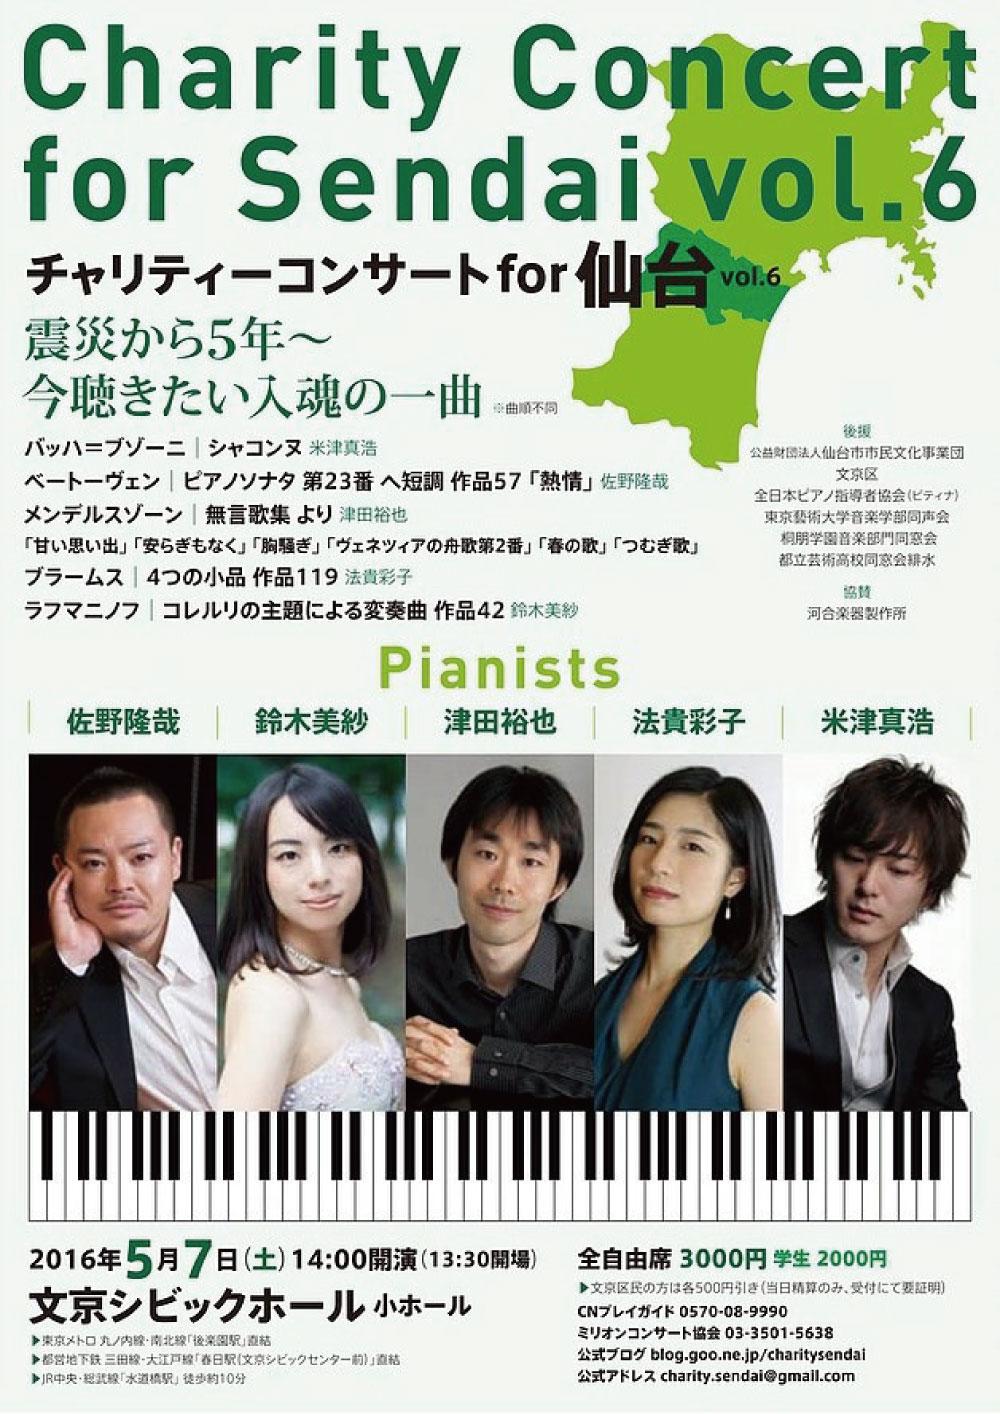 2016年5月7日(土) チャリティーコンサート for 仙台 vol.6